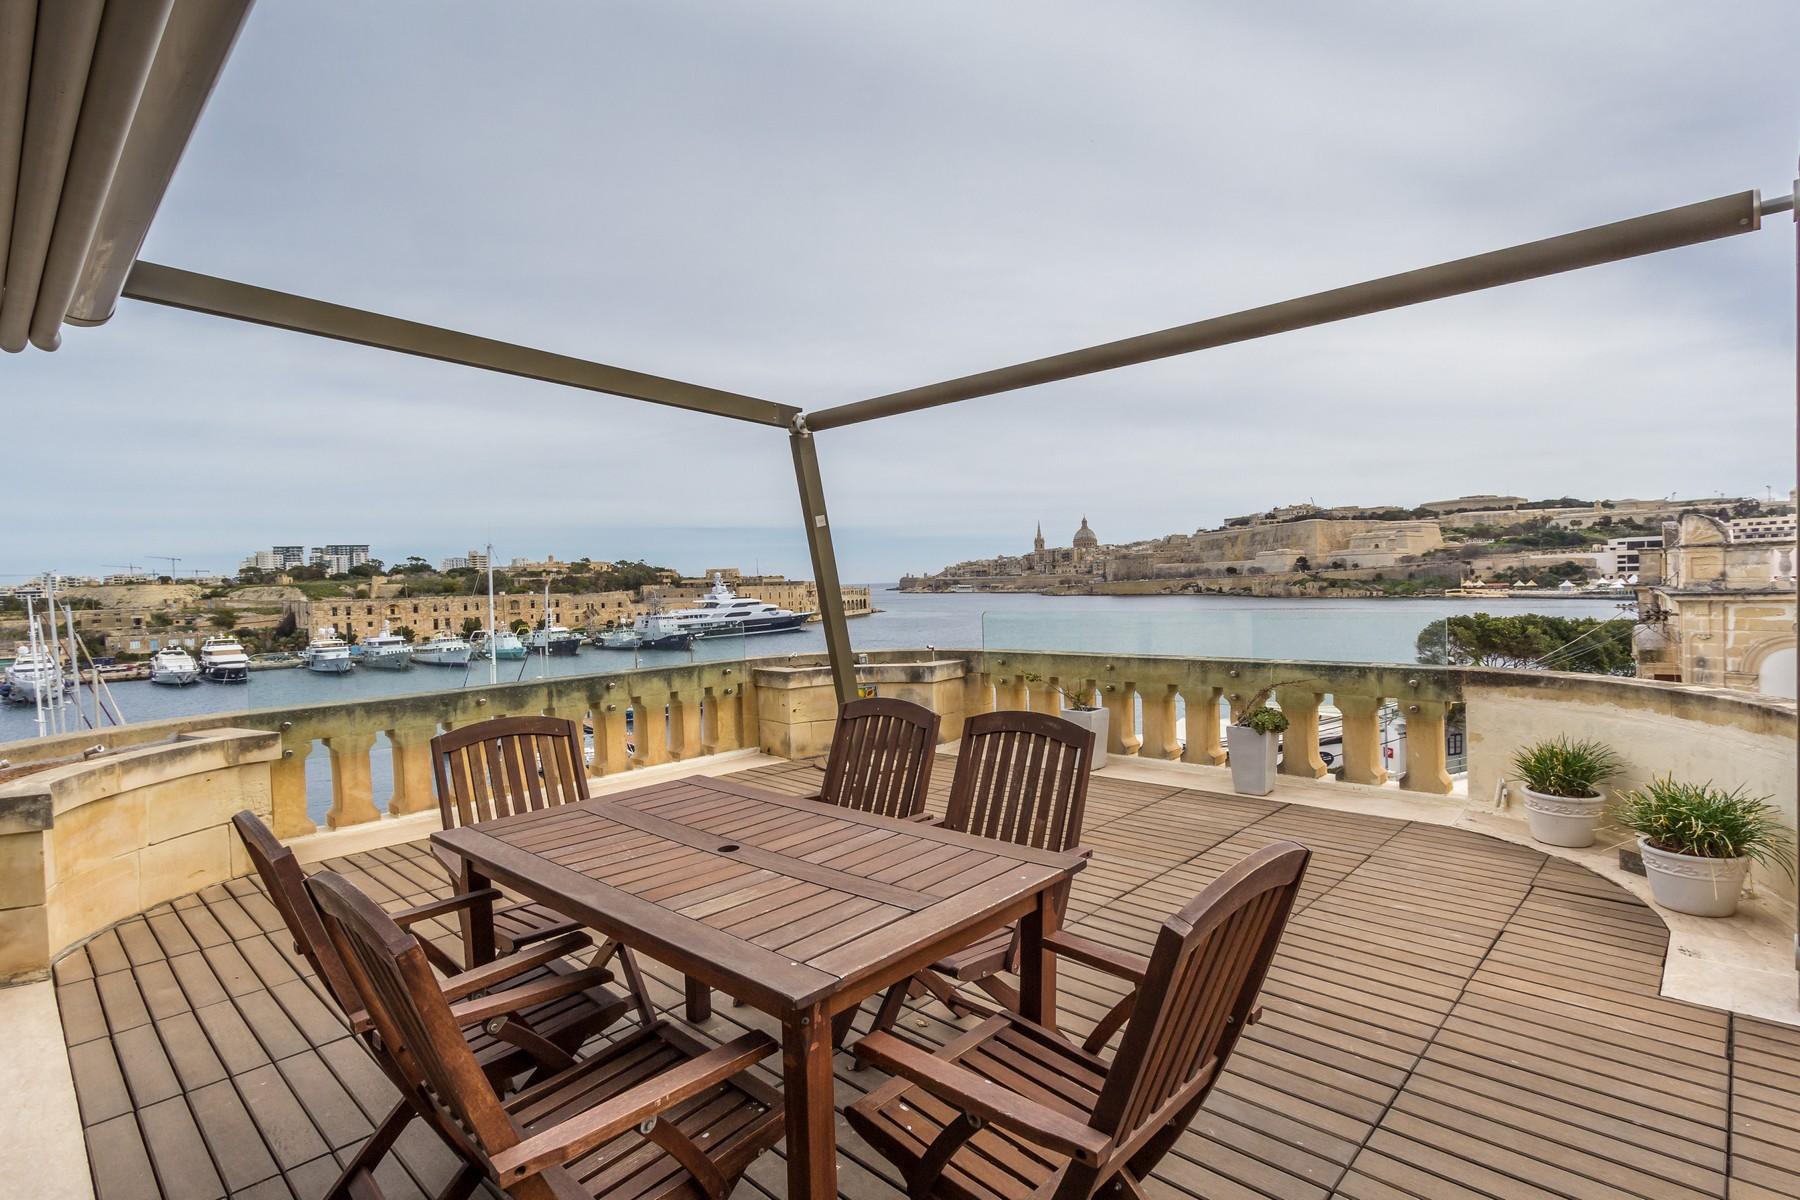 Частный односемейный дом для того Продажа на Seafront Semi-Detached Villa Ta' Xbiex, Мальта